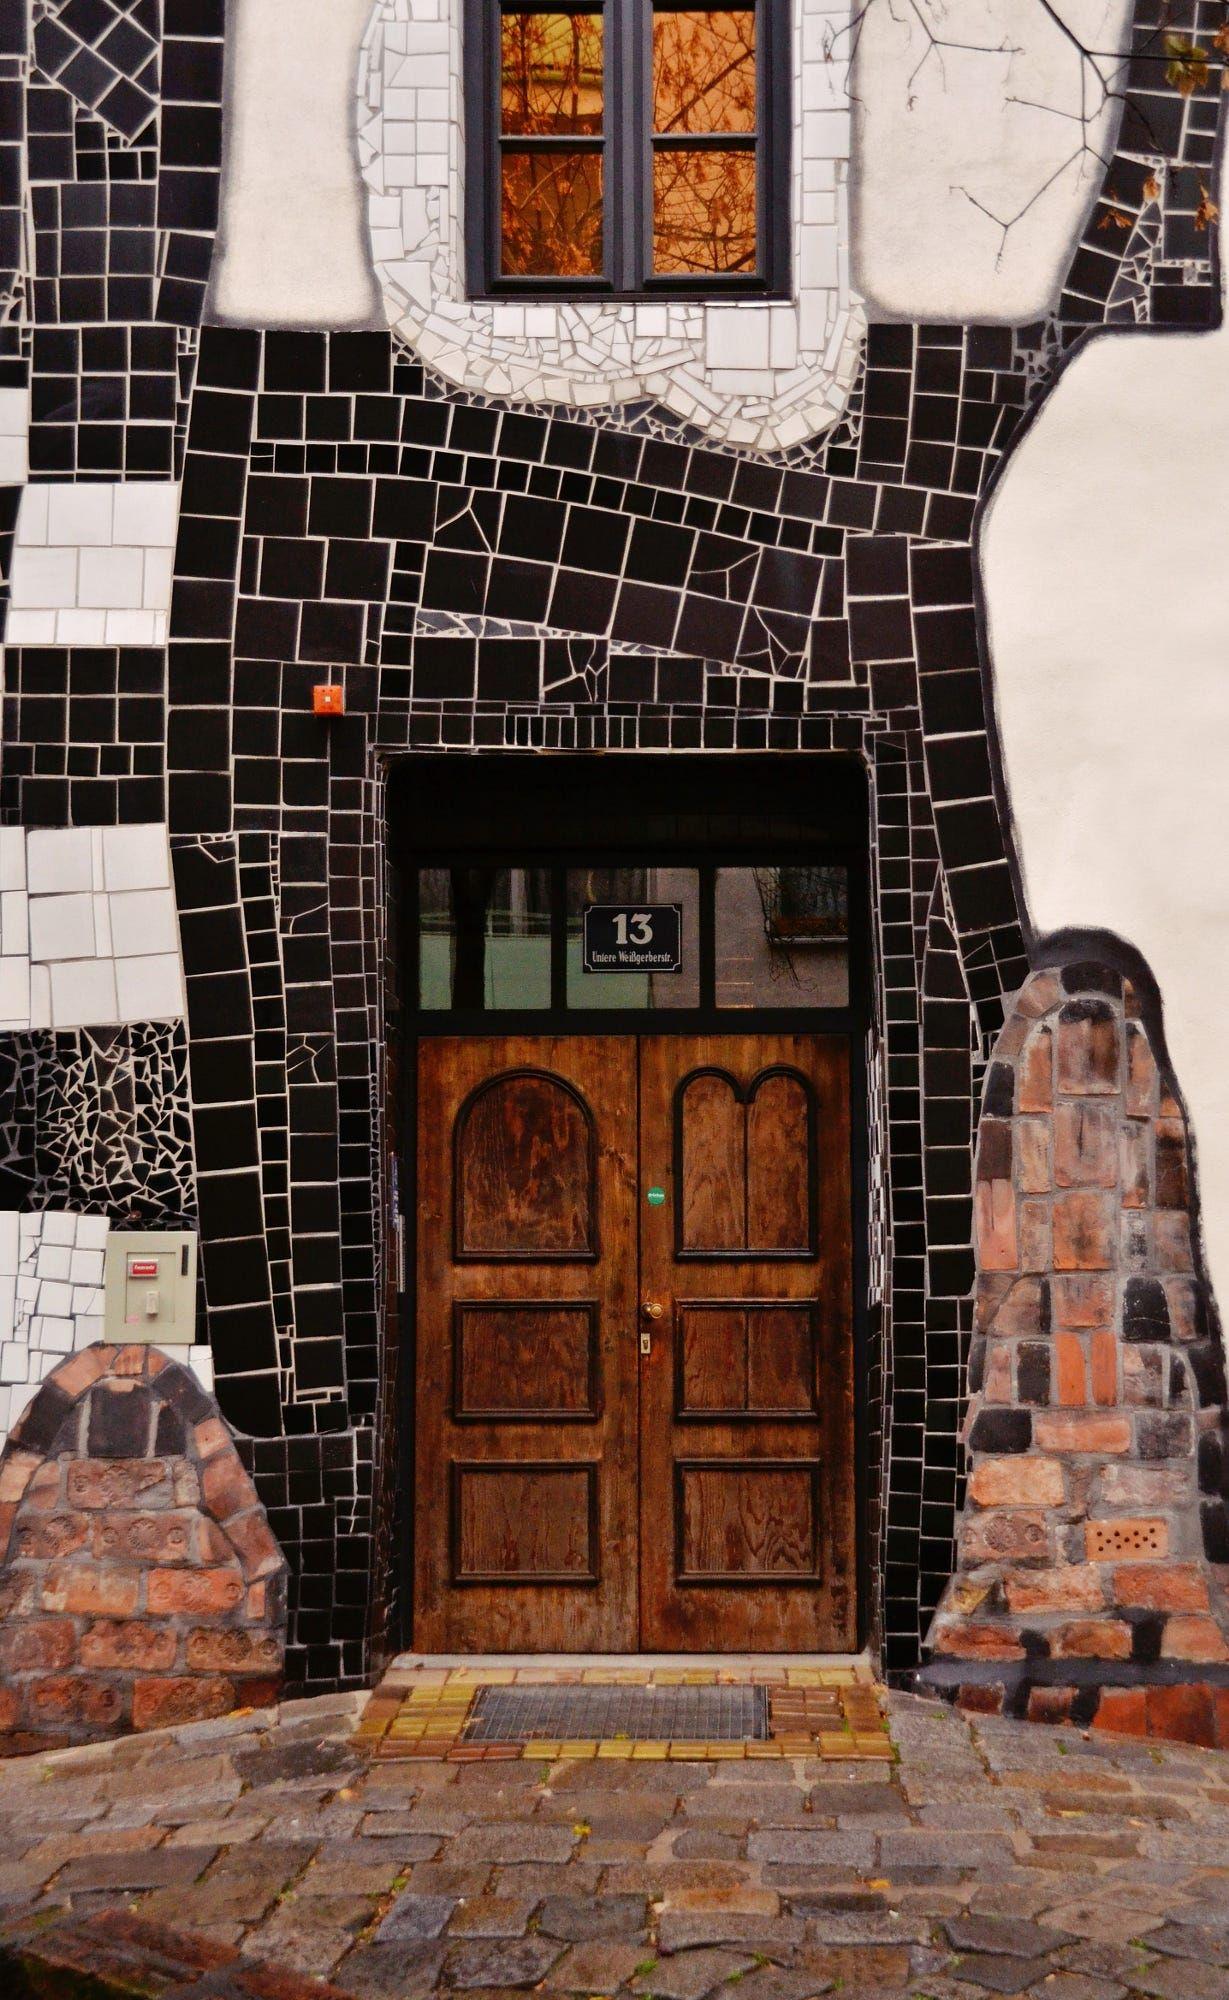 Wien Hundertwasserhaus Doors And Gates In 2018 Pinterest